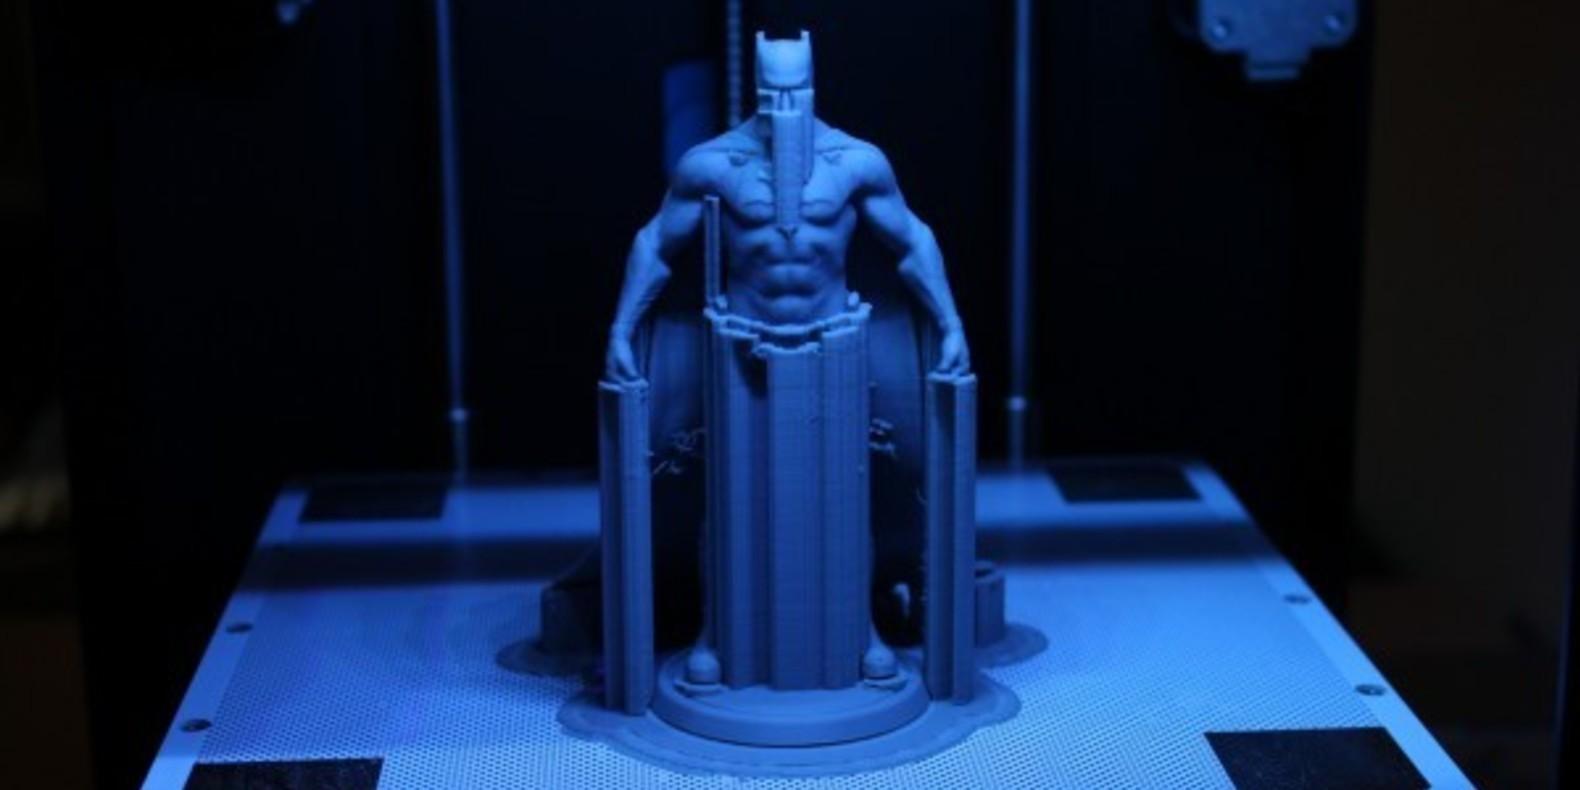 http://fichier3d.fr/wp-content/uploads/2016/02/Batman-vs-superman-ben-affleck-figurine-imprimée-en-3D-statuette-figure-tutus-cults-stl-fichier-3D-4.jpg